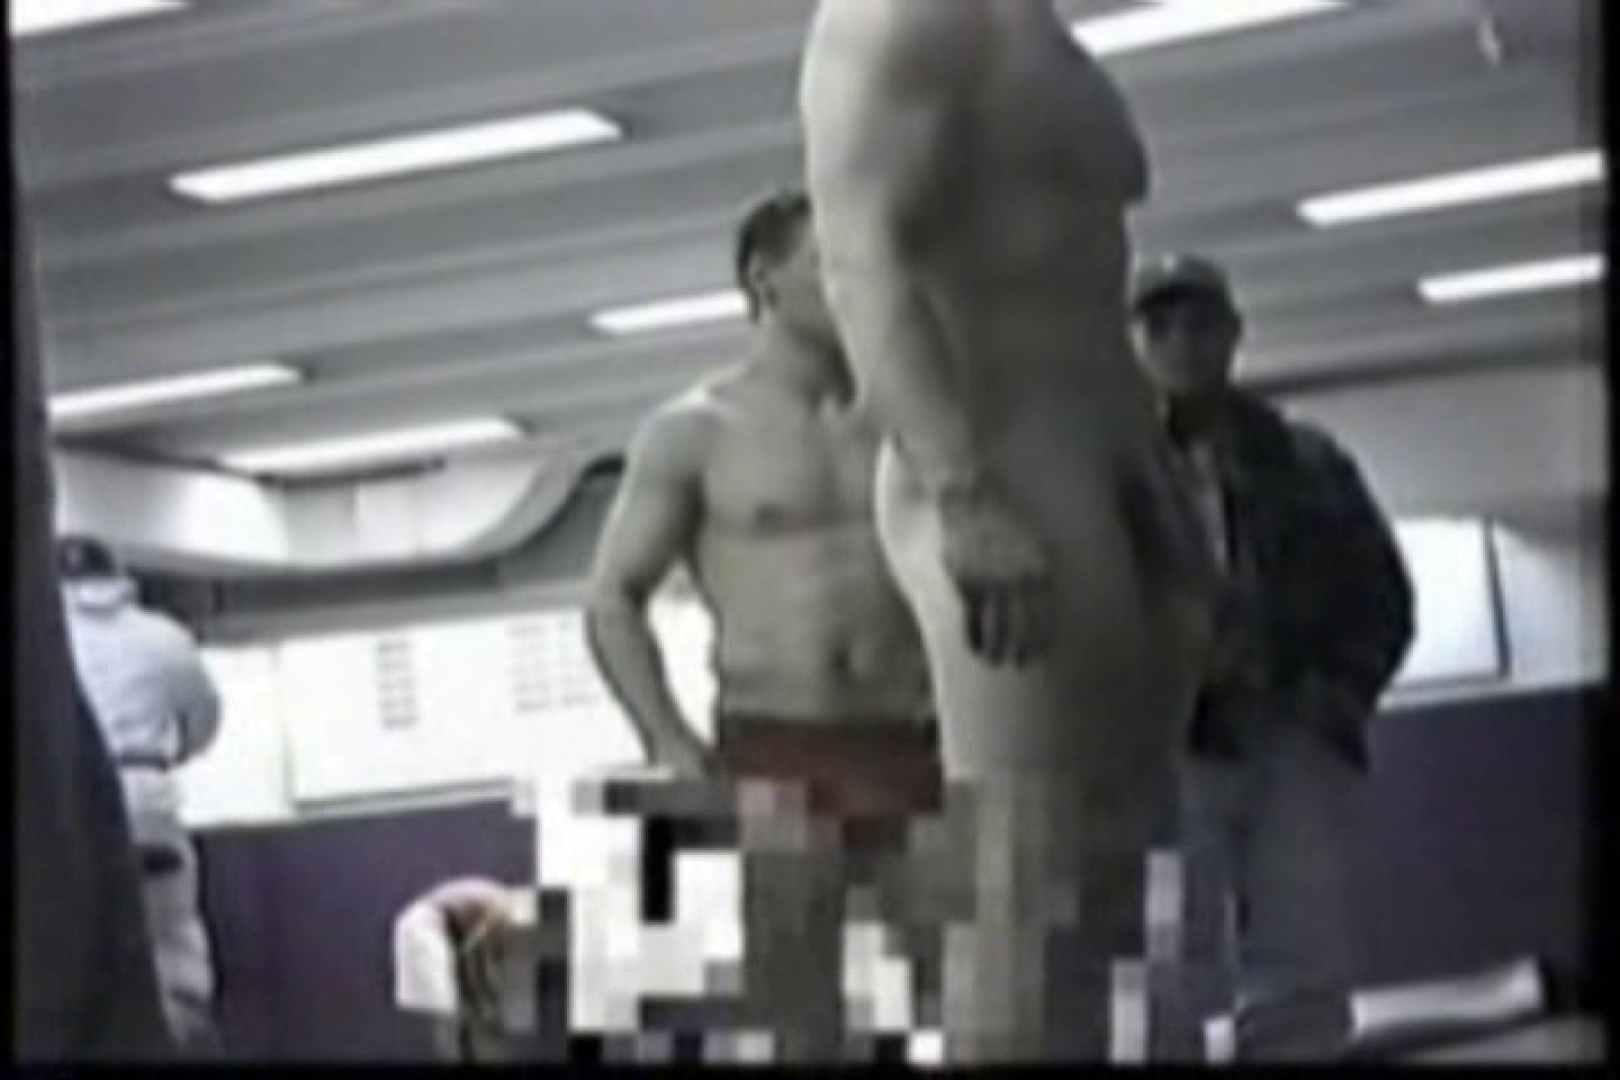 洋人さんの脱衣所を覗いてみました。VOL.8 のぞき   ガチムチマッチョ系  93pic 3